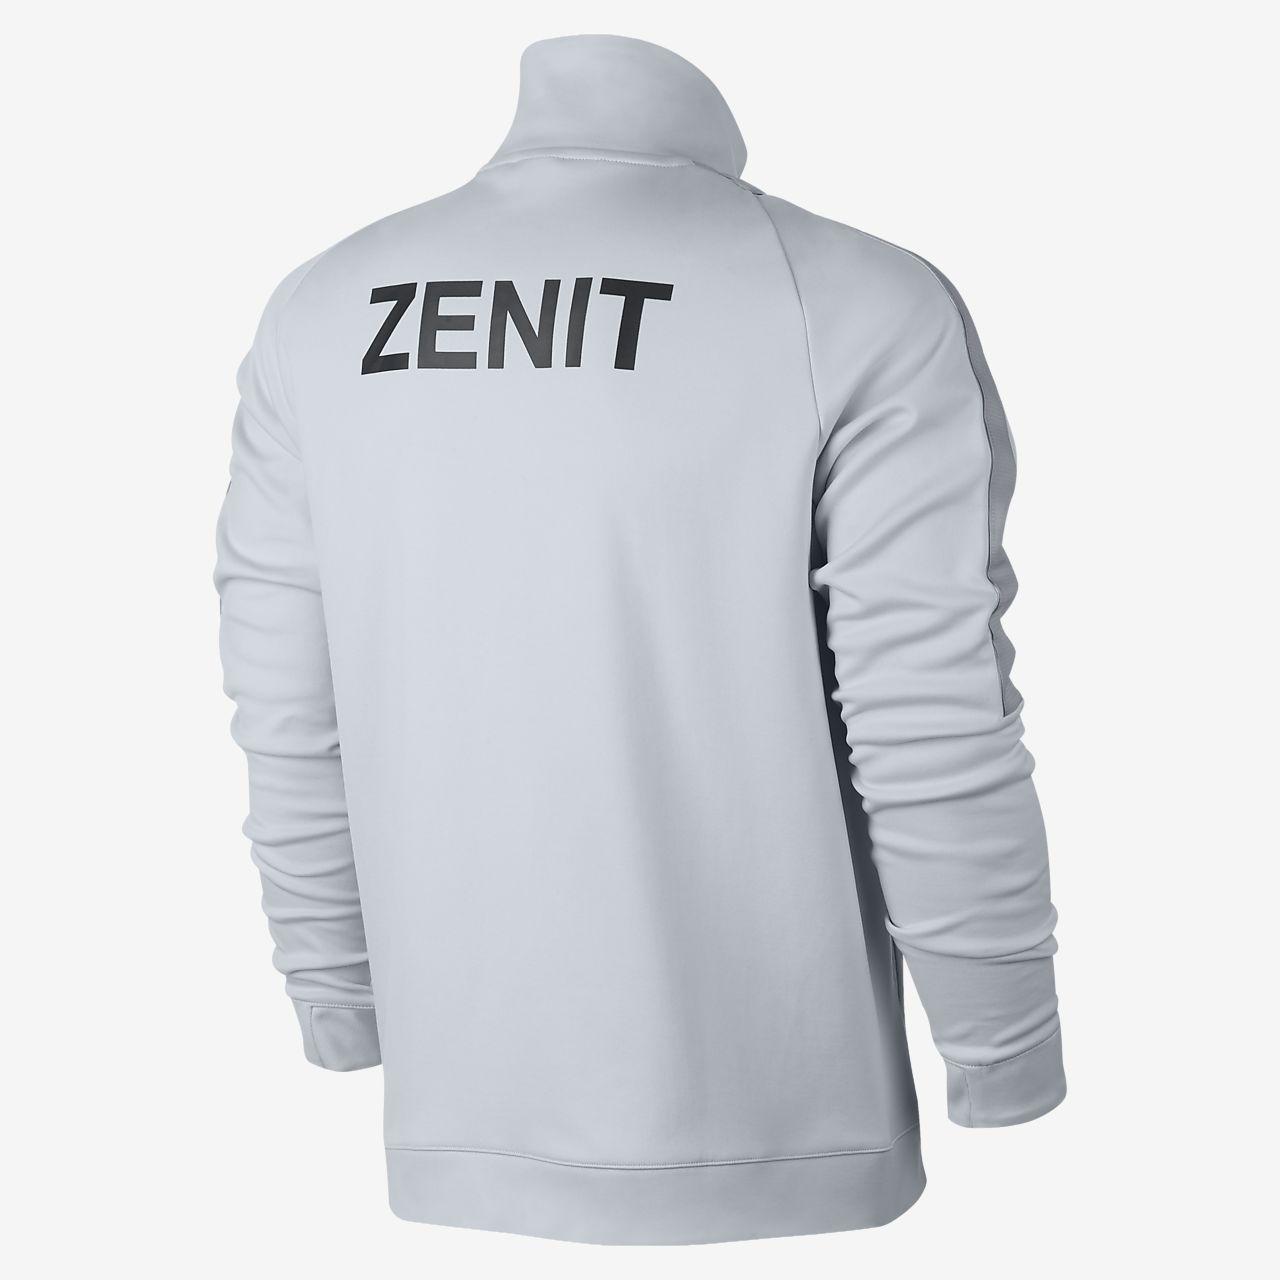 ... FC Zenit Authentic N98 Men's Track Jacket